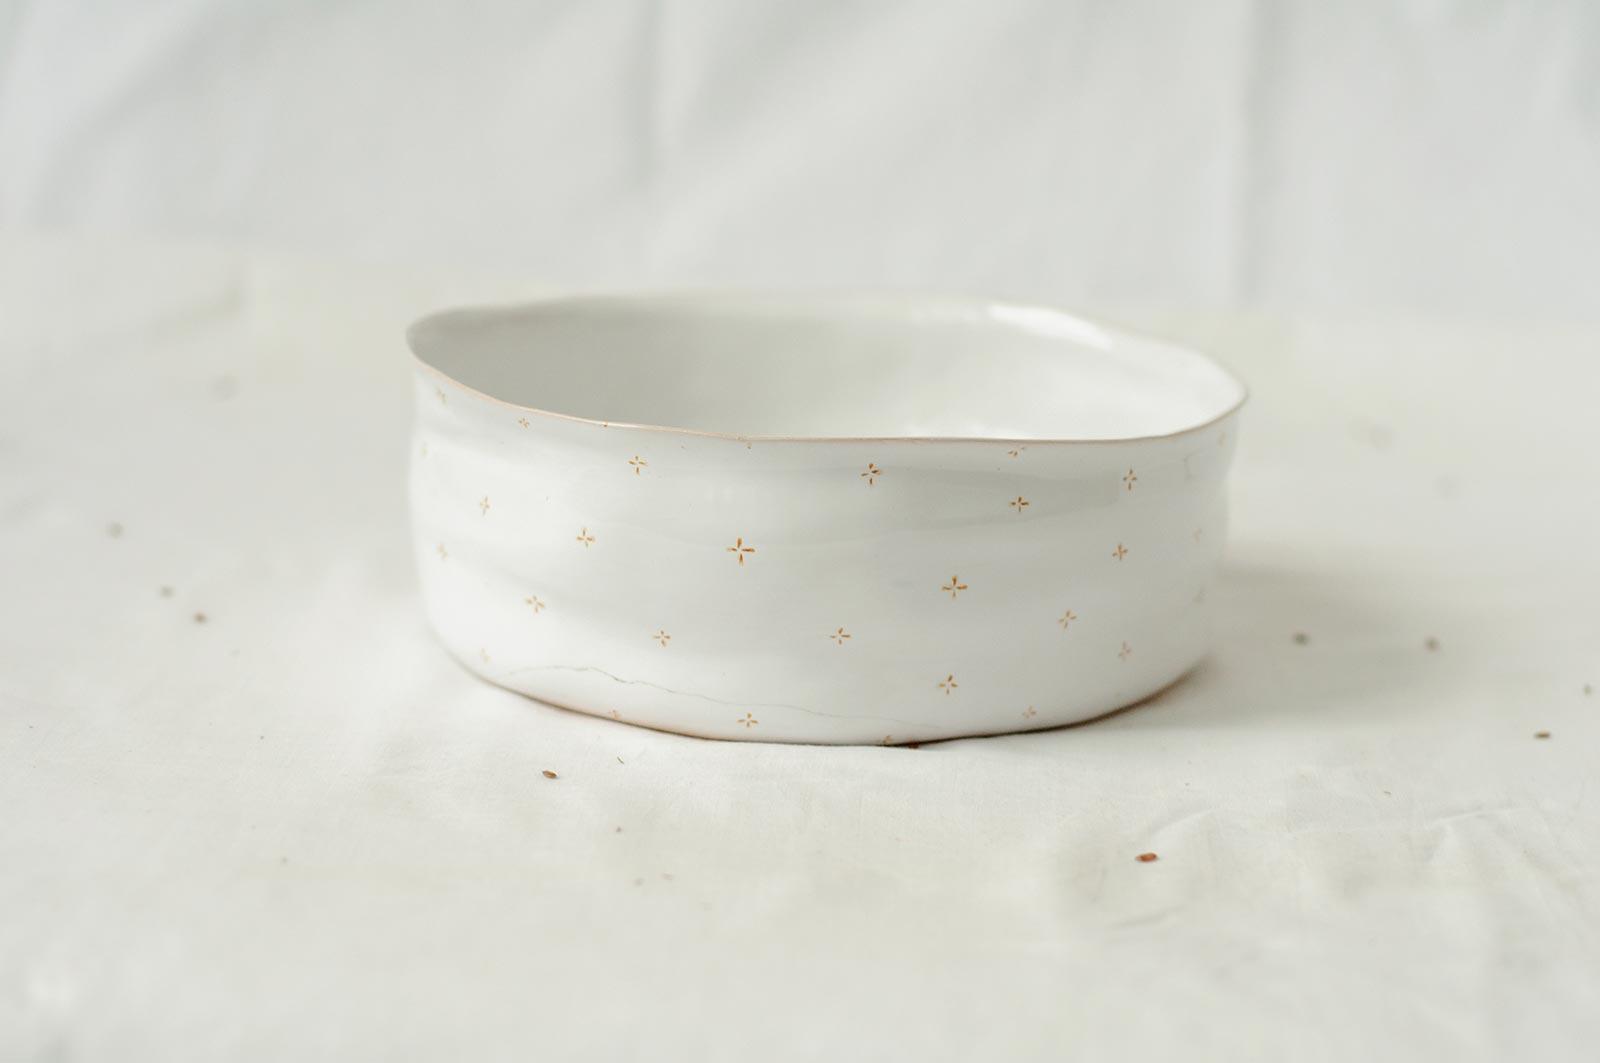 Вид сбоку - Большая глубокая тарелка из керамики (Ручная работа)